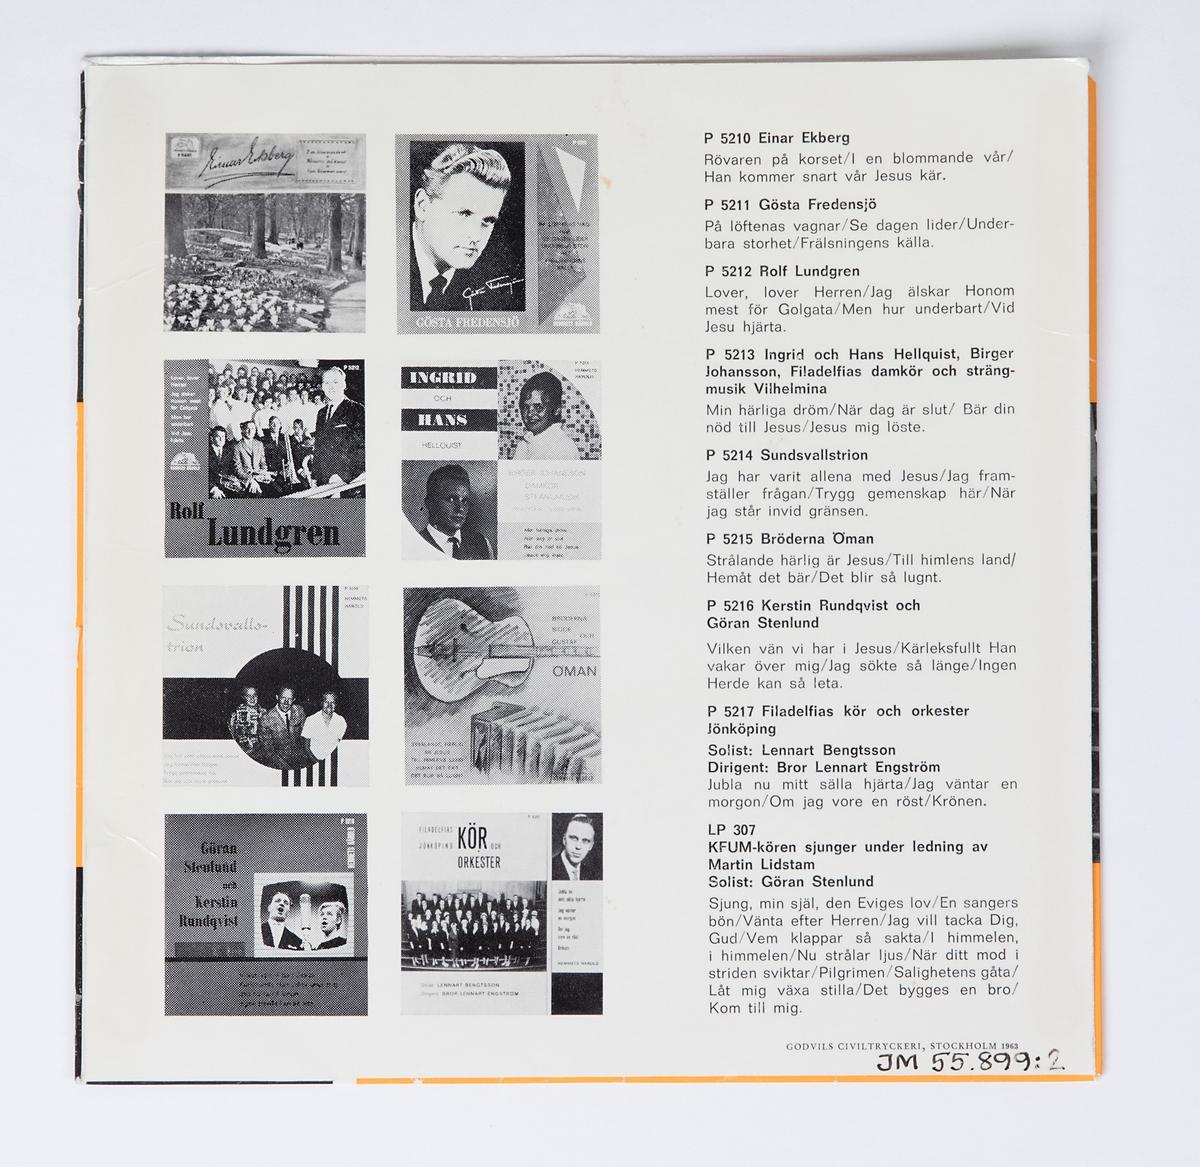 """EP-skiva av svart vinyl med lila pappersetikett med silverfärgad tryckt text, omslag av blankt papper. Omslaget är tryckt i färgerna orange, svart och vitt. På framsidan finns svart tryckt text, ett svart-vitt fotografi av sångkören och ett svart-vitt porträttfotografi av en man. Baksidan innehåller en förteckning och fotografier över skivbolagets senaste skivor.  JM 55899:1, EP-skiva, Hememts Härold, P5217, EP-45  1. Jubla nu mitt snälla hjärta (Emil Gustafson) 2. Jag väntar en morgon (Egon Zandelin) Sång av Filadelfias kör och orkester, Jönköping Solist: Lennart Bengtsson Dir.: Bror-Lennar Engström  1. Om jag vore en röst (Fr. eng. Ivar Lindestad - J. Calvin Bushey) Solist: Lennart Bengtsson 2. Hell Jesus utav Betlehem! (E. Perronet - James Ellor) Sång av Filadelfias kör och orkester, Jönköping Dir.: Bror-Lennart Engström  Text runt pappersetiketten: """"Alla rättigheter förbehållas producenten resp. ägaren till det inspelade verket * Offentligt utförande, radiosändning och kopiering av denna skiva utan auktorisation förbjudes""""  JM 55899:2, Omslag """"GODVILS CIVILTRYCKERI, Stockholm 1963"""""""